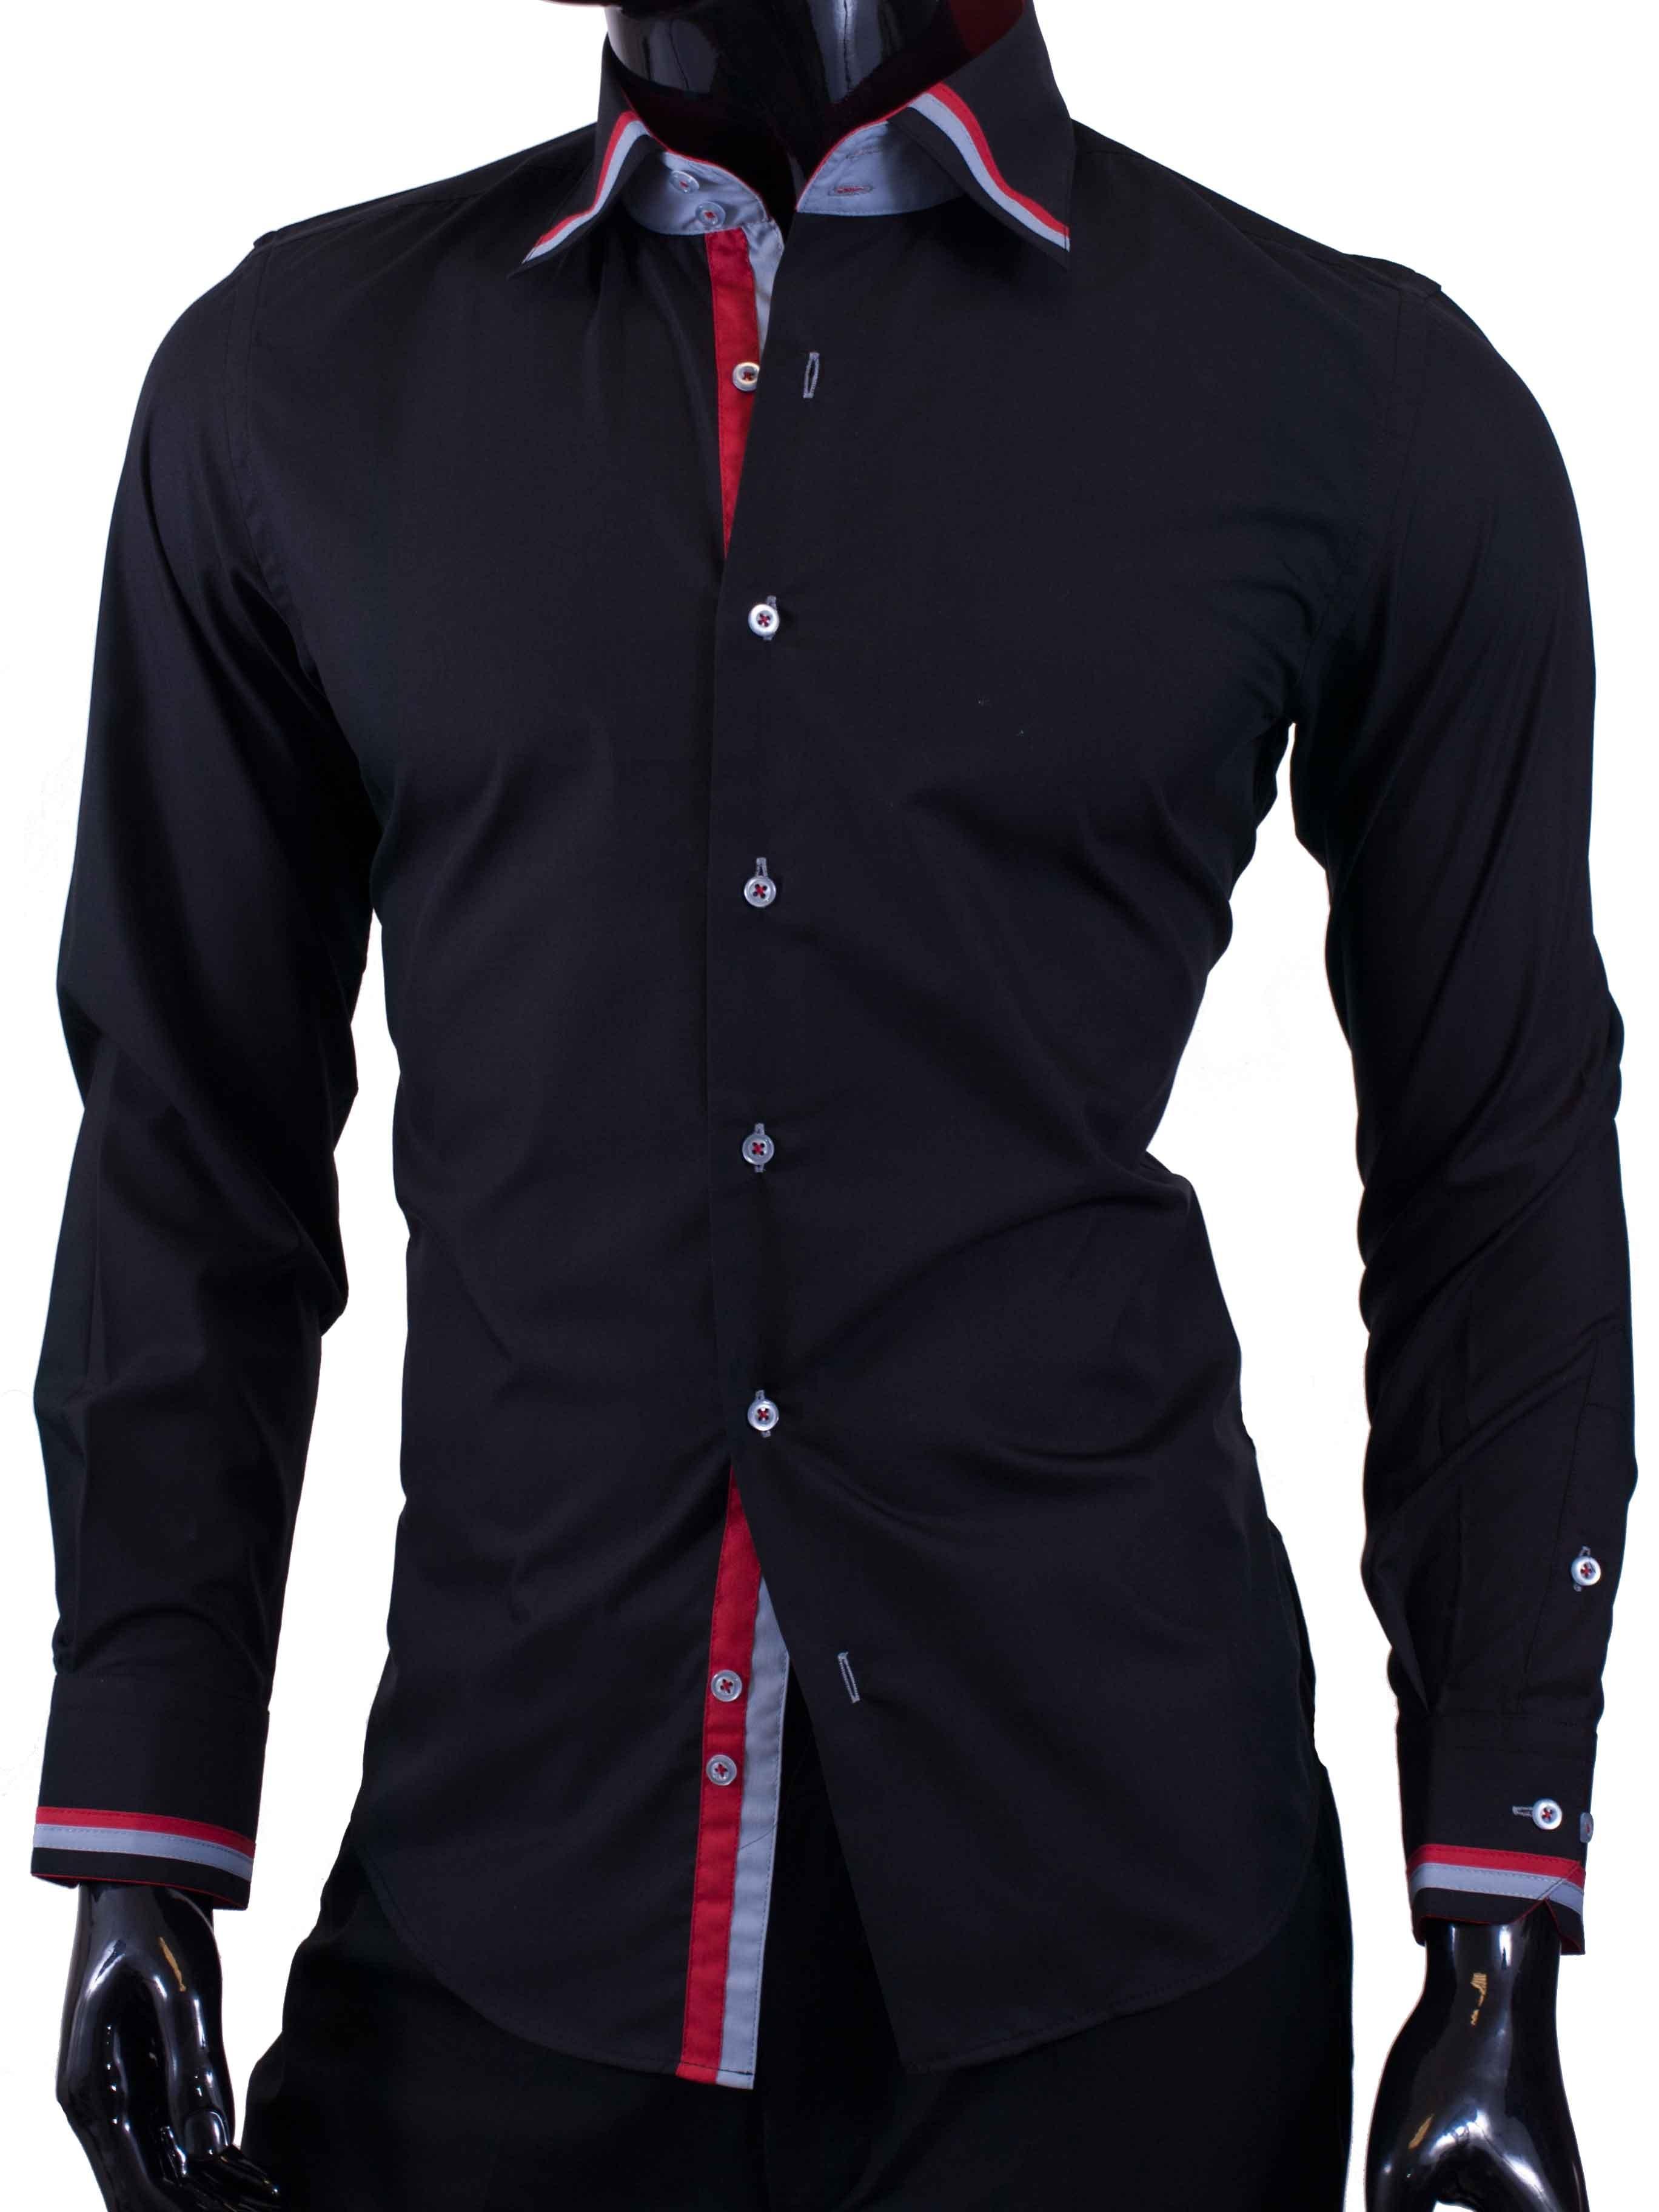 Pánské košile Egoman černá s prvky modré a červené